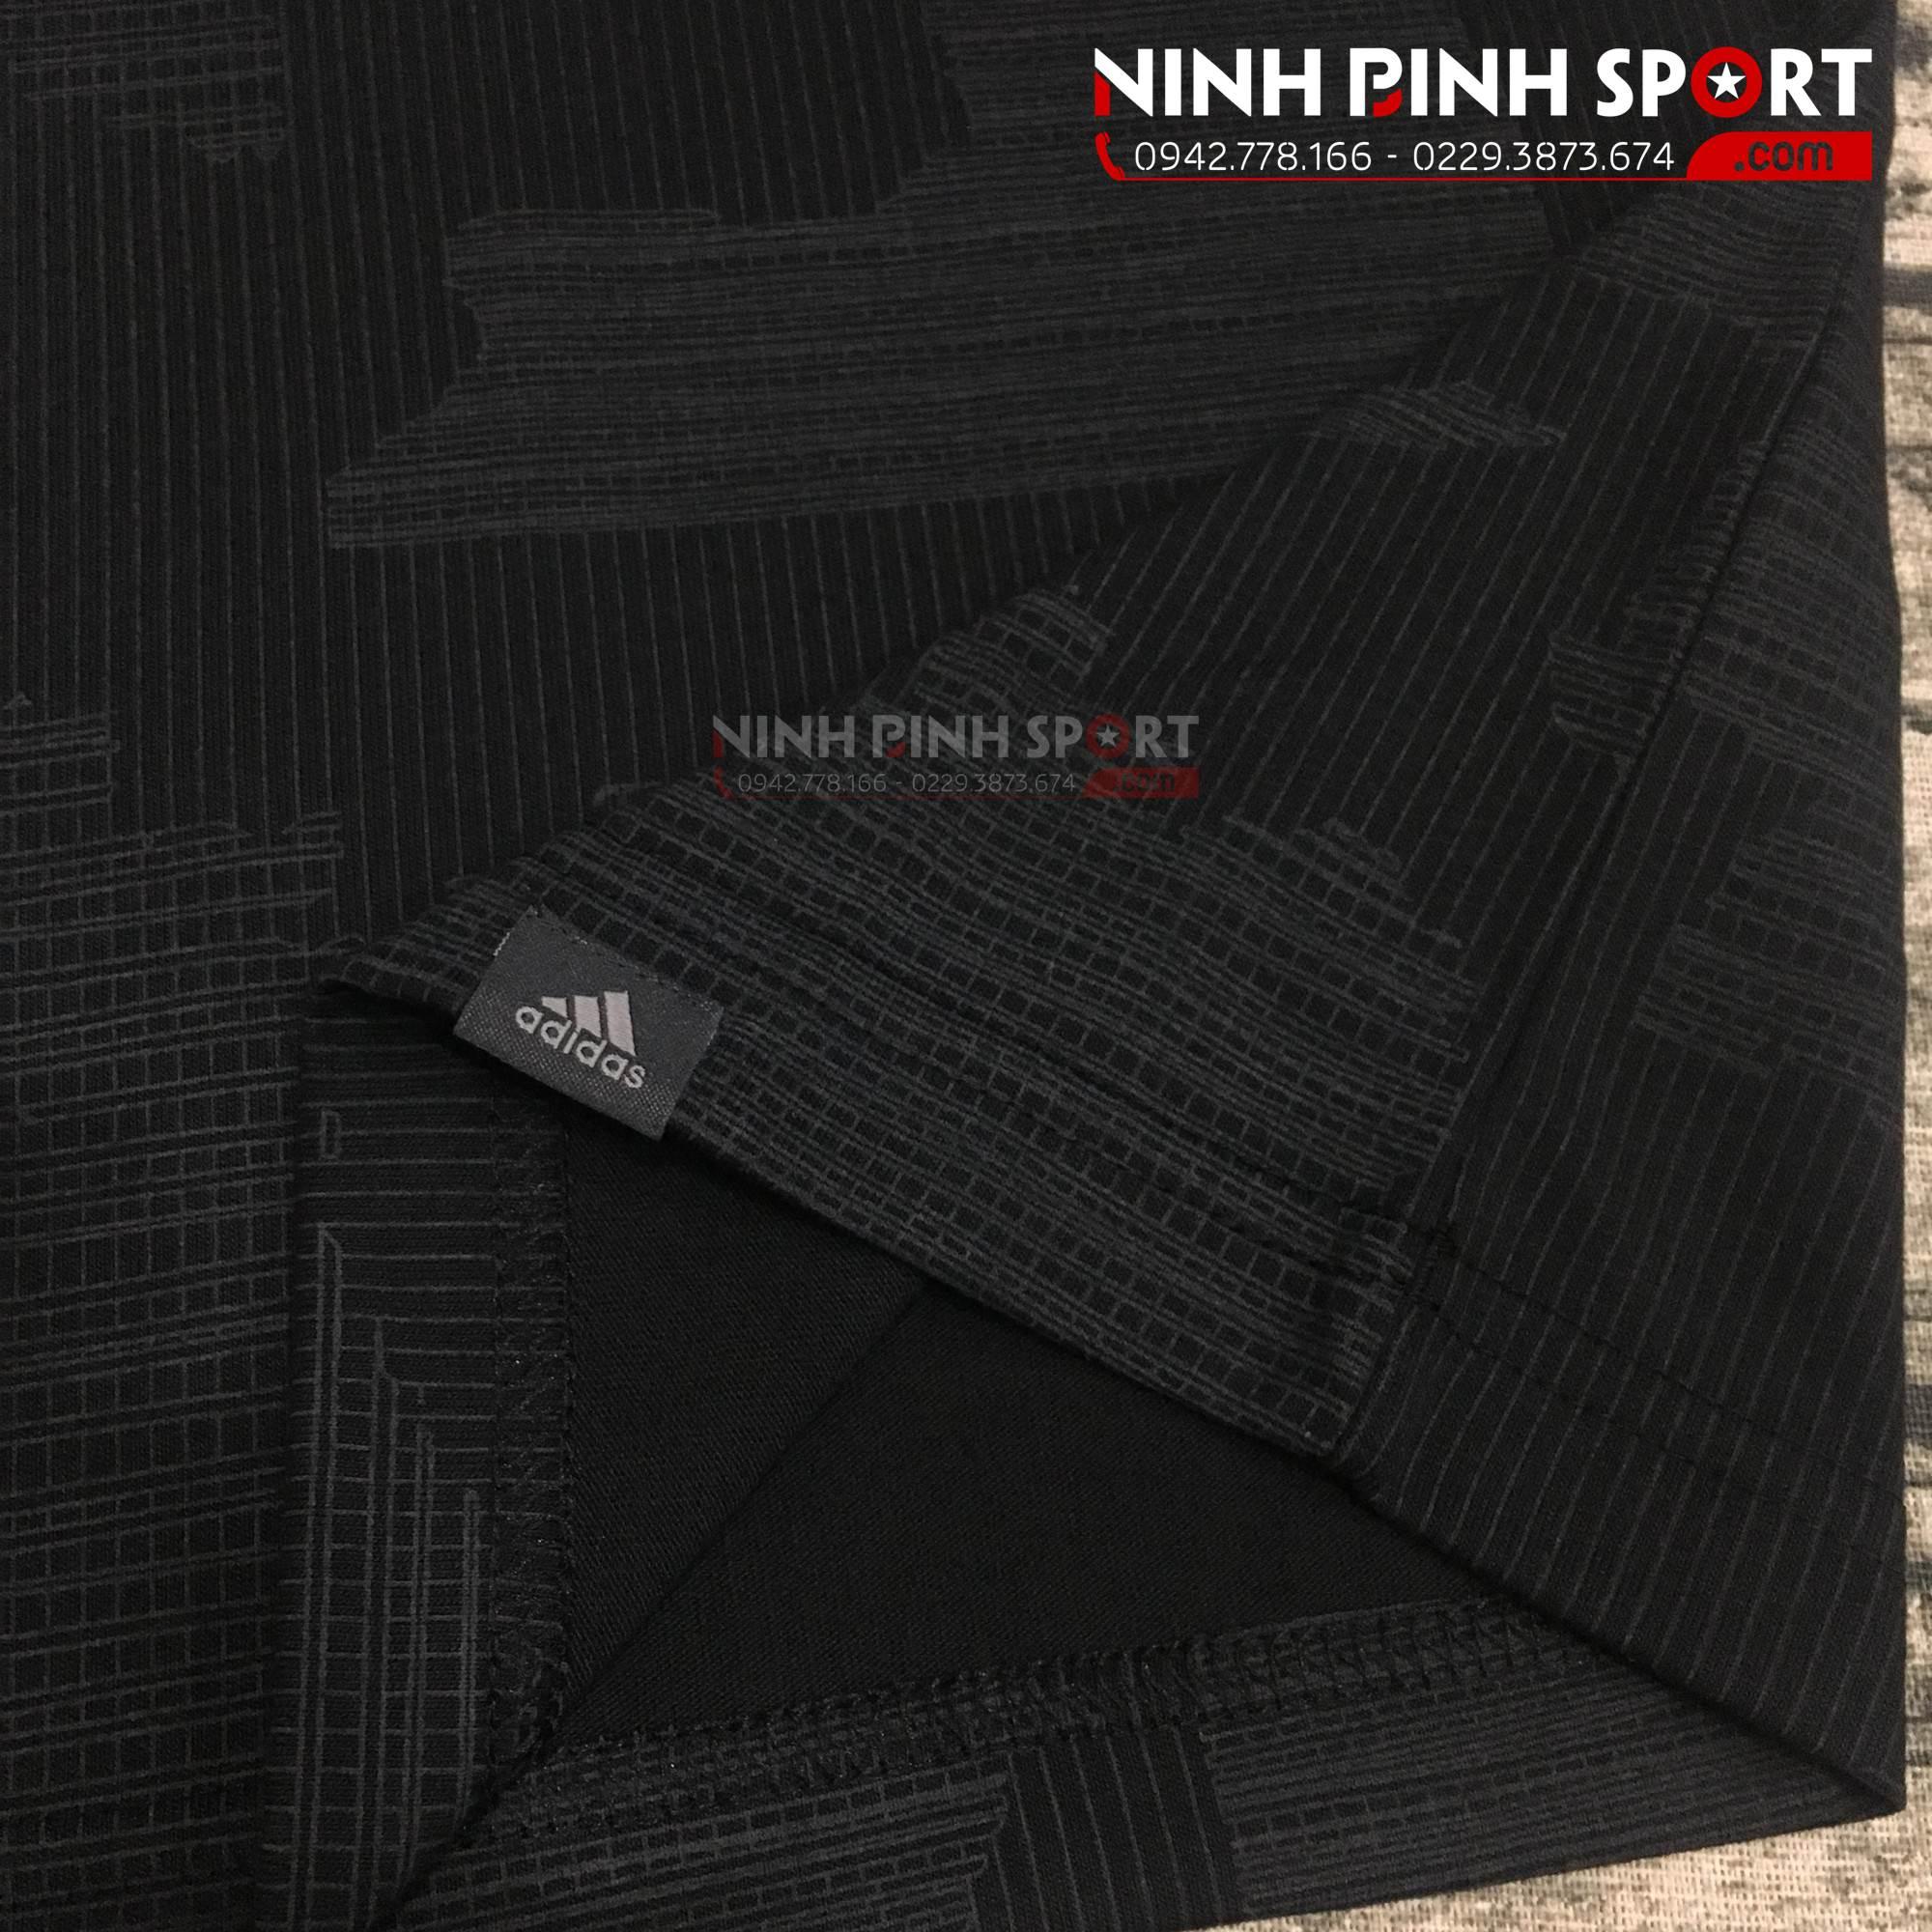 Áo thể thao nam Adidas Adicross Graphic Tee Black CY7419